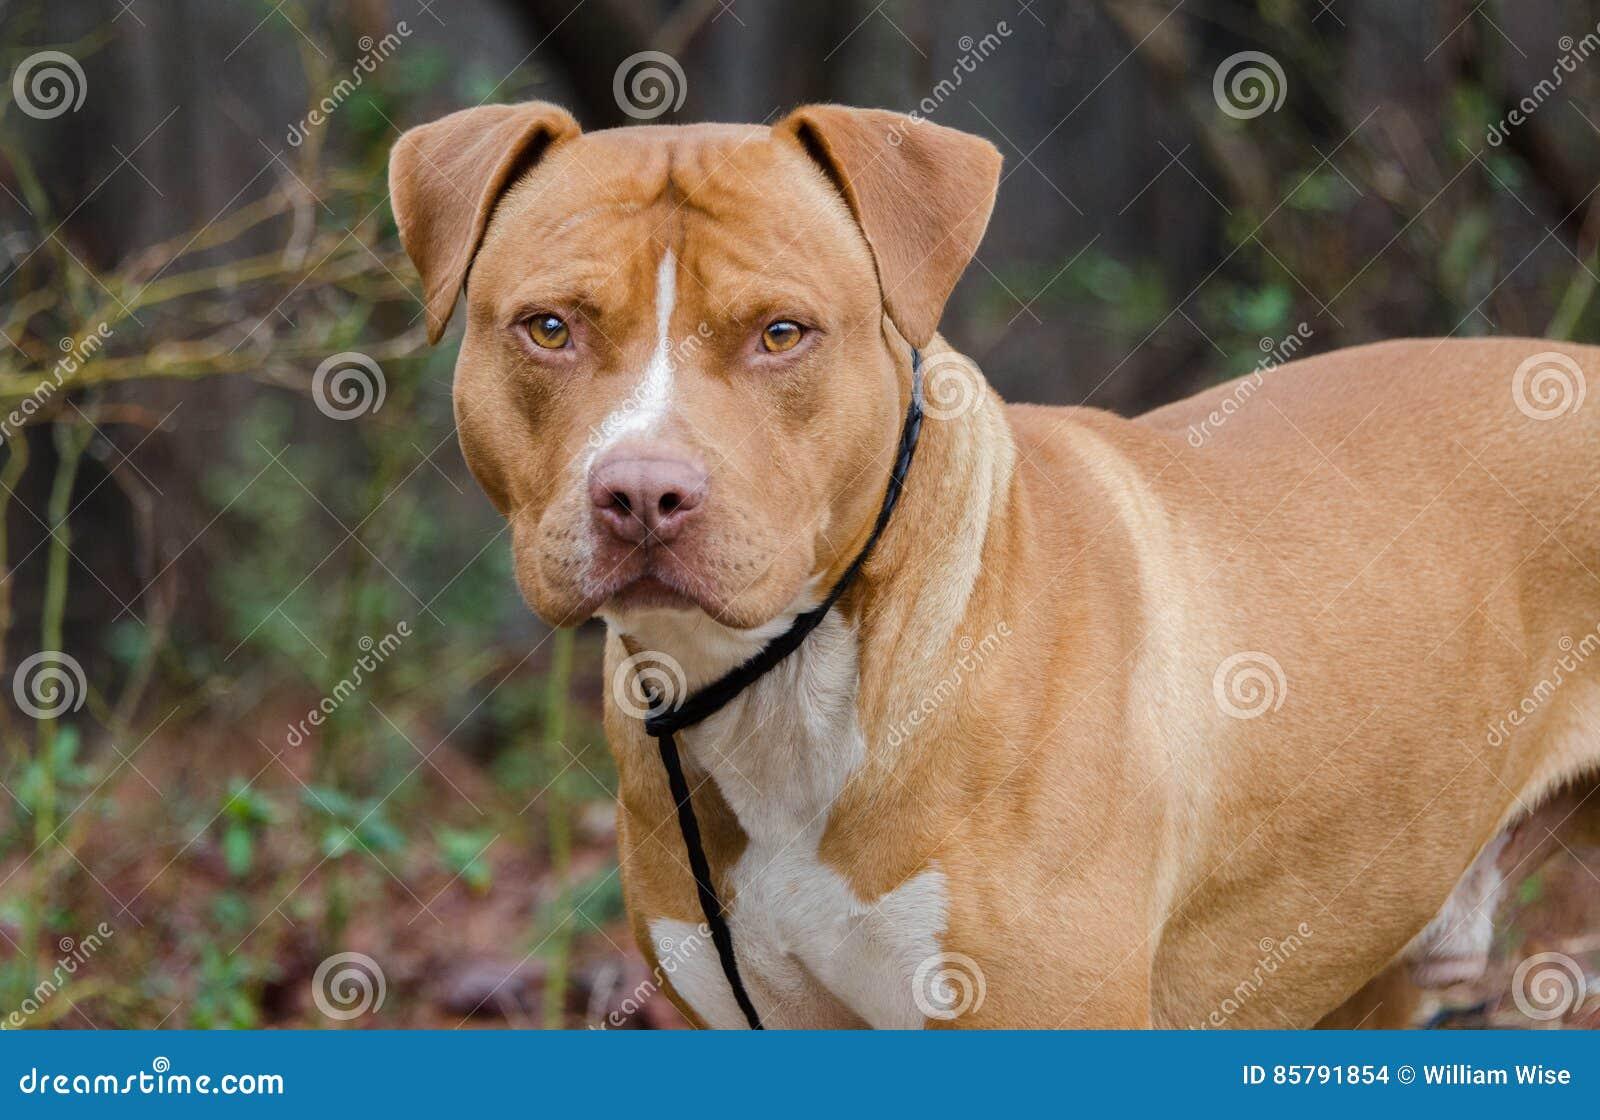 Americano rosso e bianco Staffordshire bull terrier